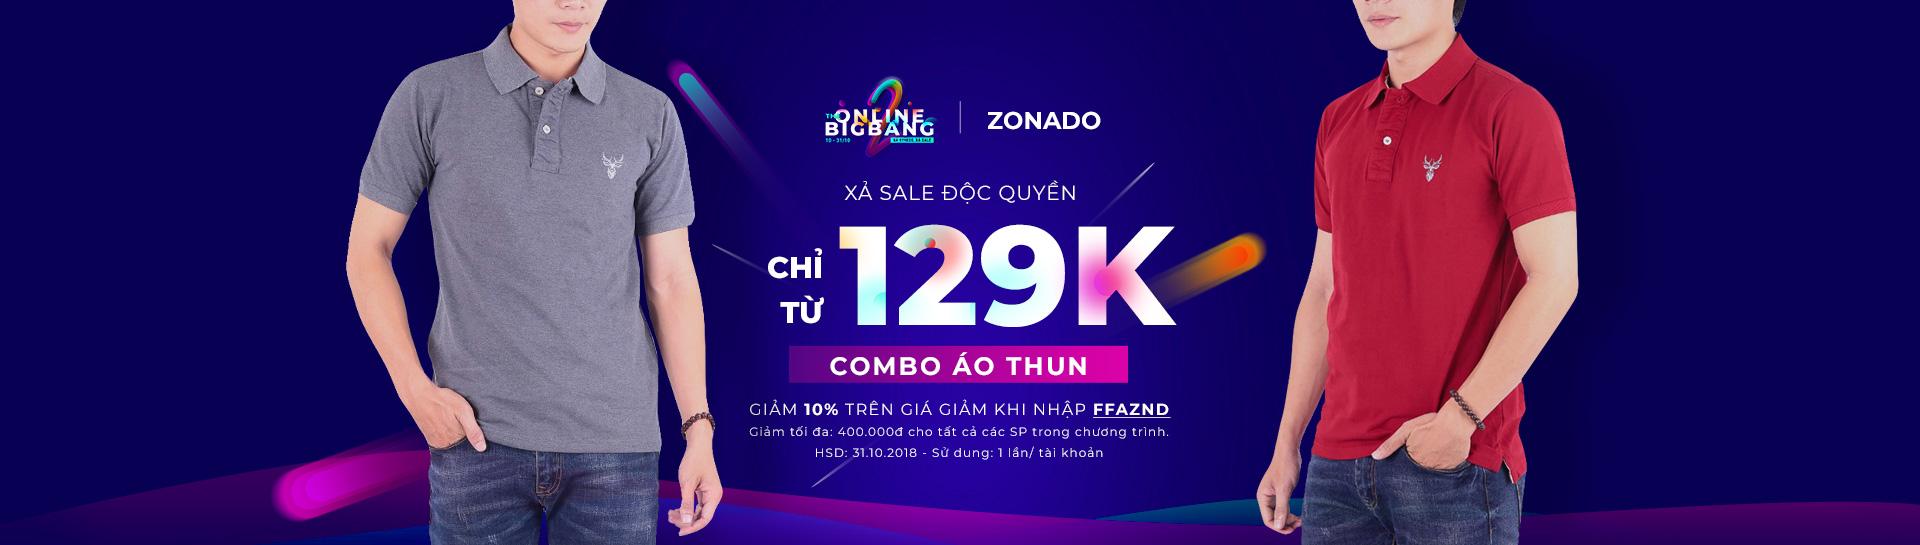 Hình ảnh Zonado - Thời trang nam chỉ từ 99K